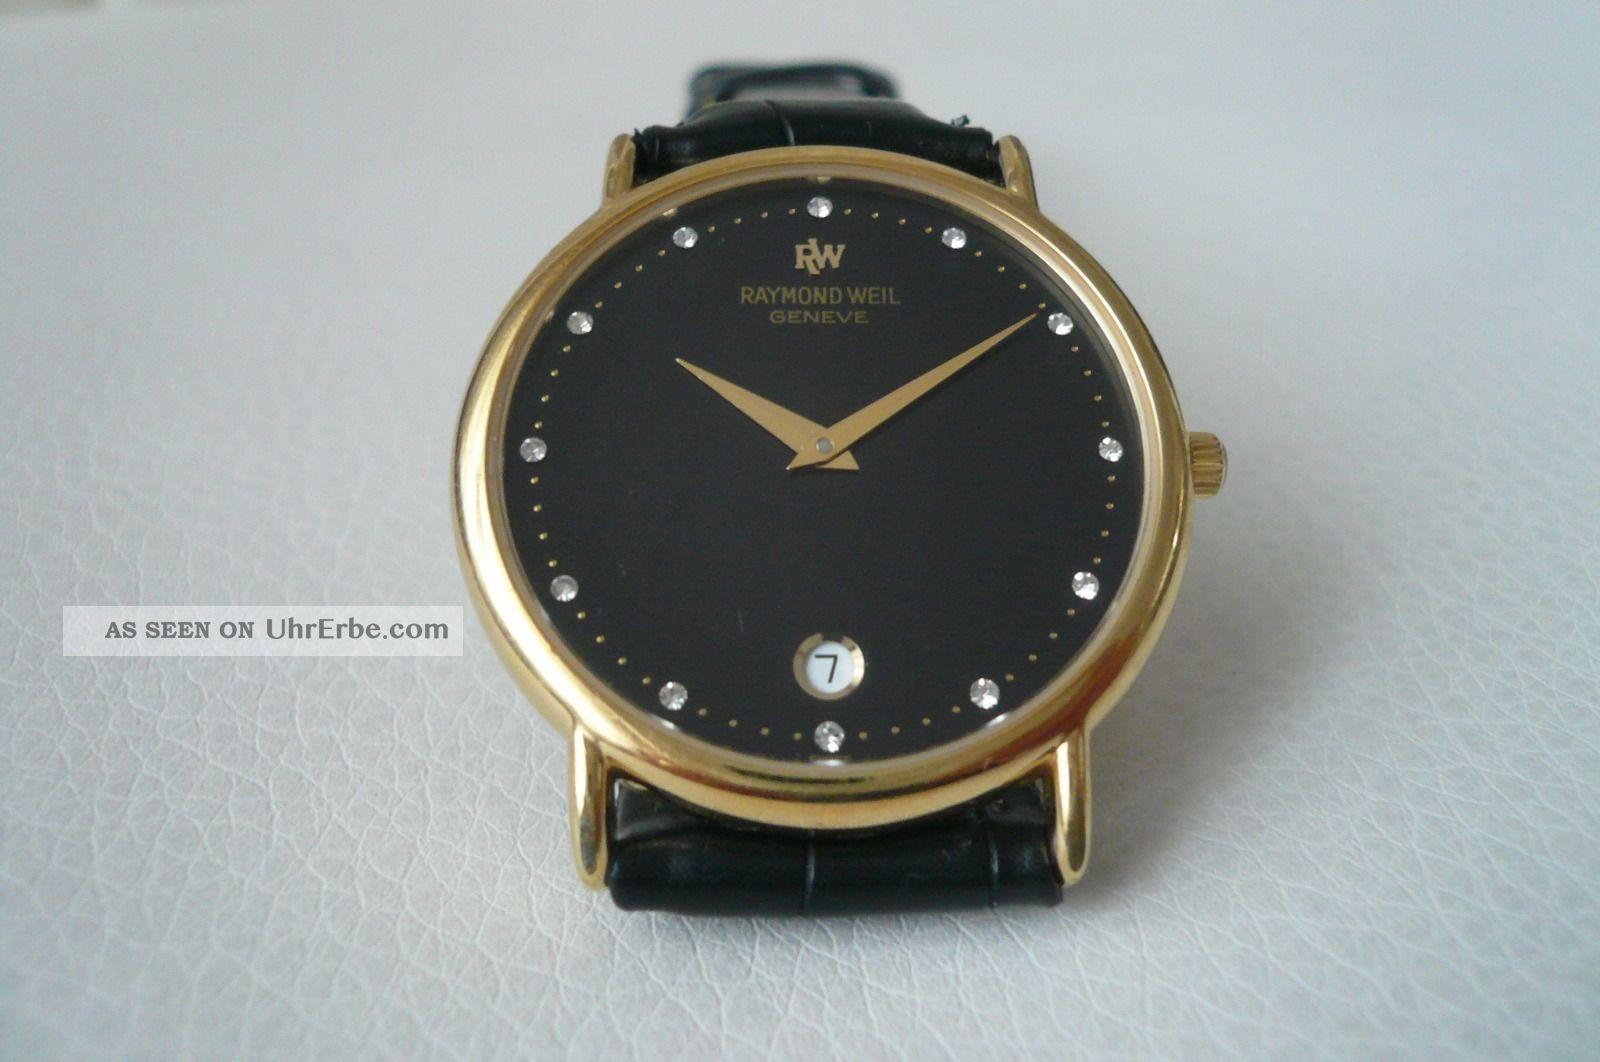 raymond weil geneve armband uhr mit datumsanzeige und steinen. Black Bedroom Furniture Sets. Home Design Ideas